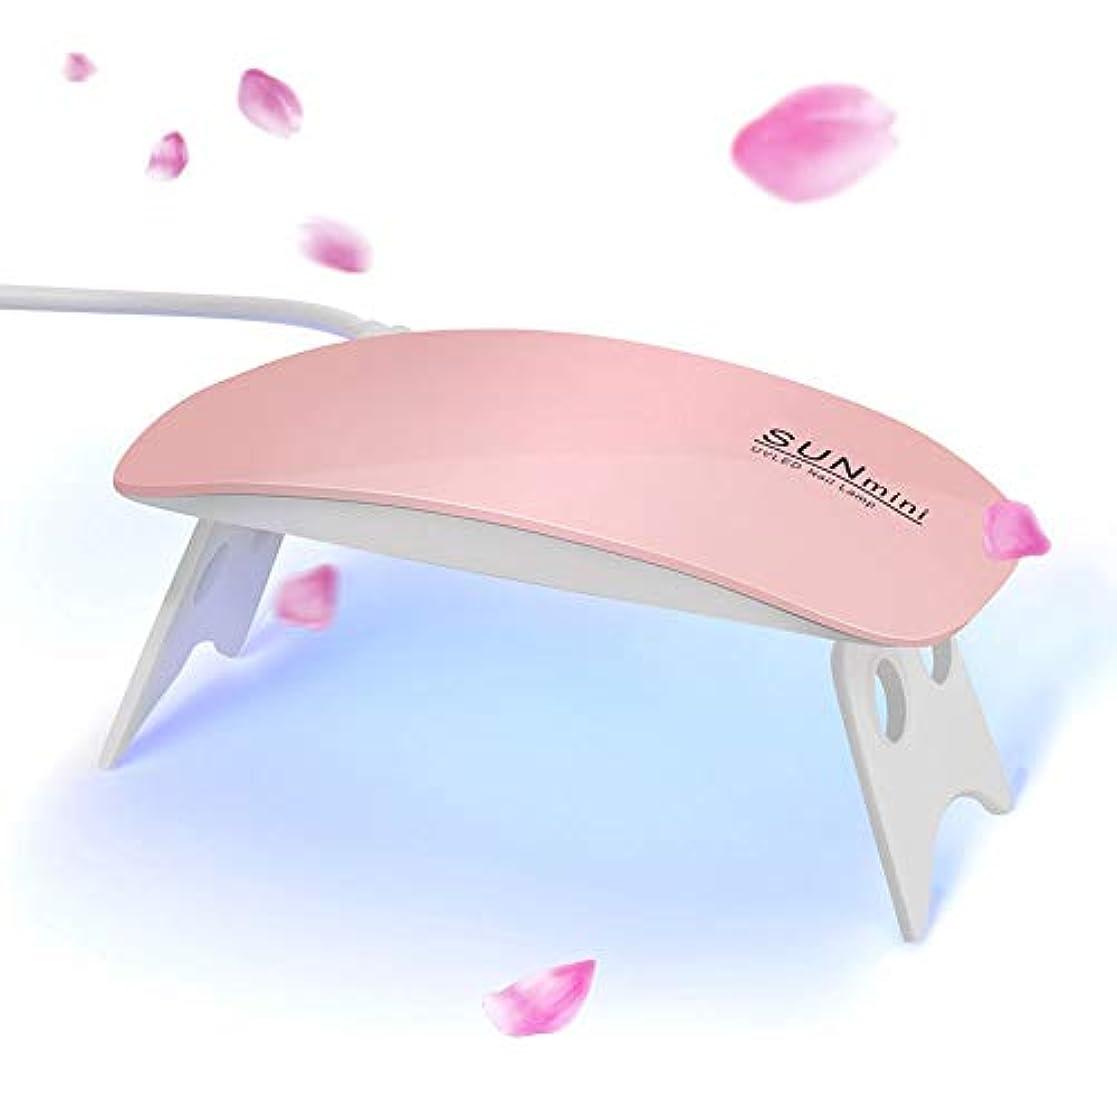 子豚気楽な管理者LEDネイルドライヤー,KIMIHE UVライト 超ミニ USB式 ネイル用硬化ライト 2タイミング設定付き 折りたたみ式手足とも使える UV と LEDダブルライト (かわいいピンク)